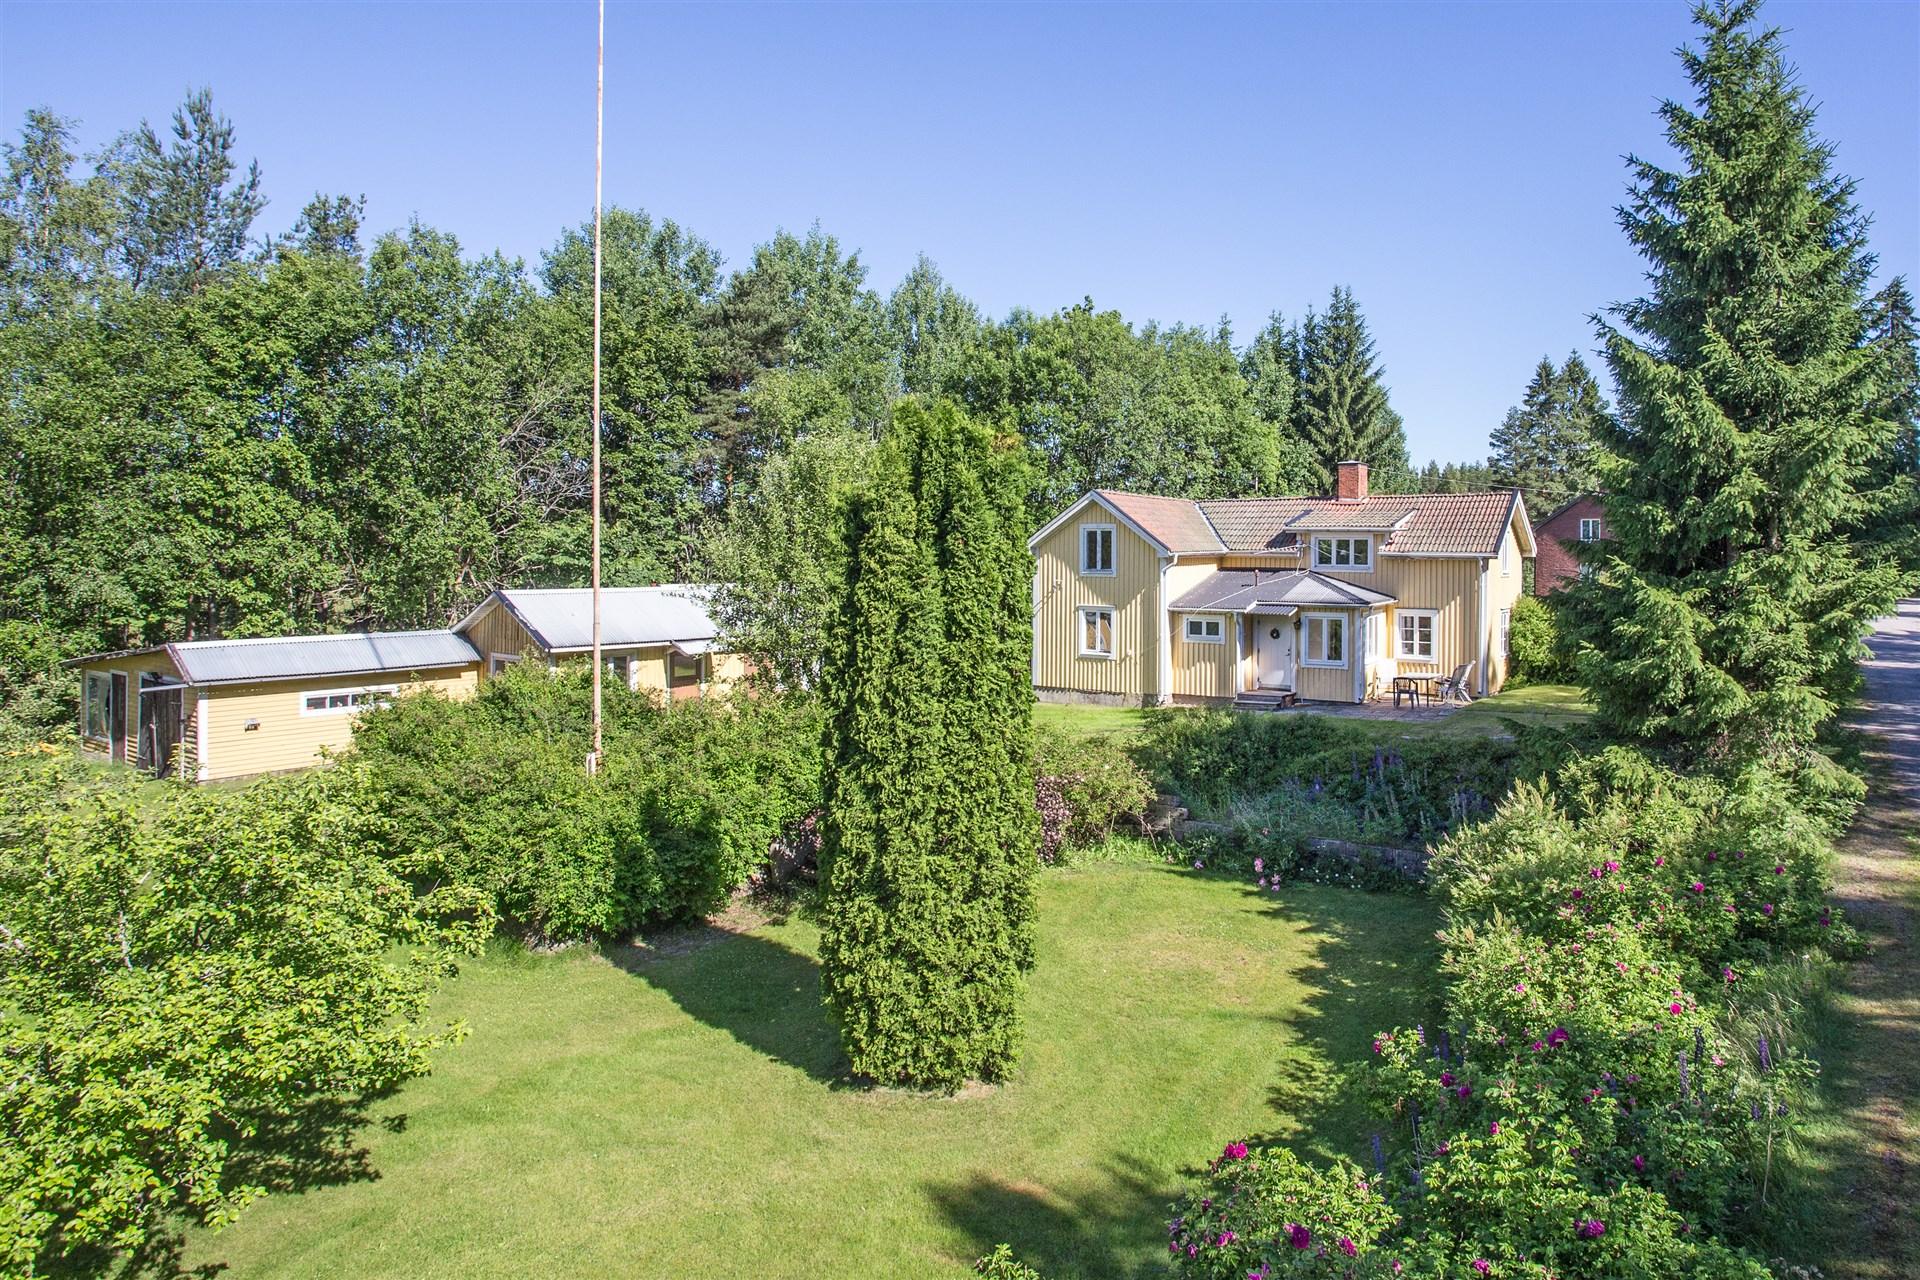 Hus med fint läge i Vasselhyttan, passar både som permanent- och fritidsboende.